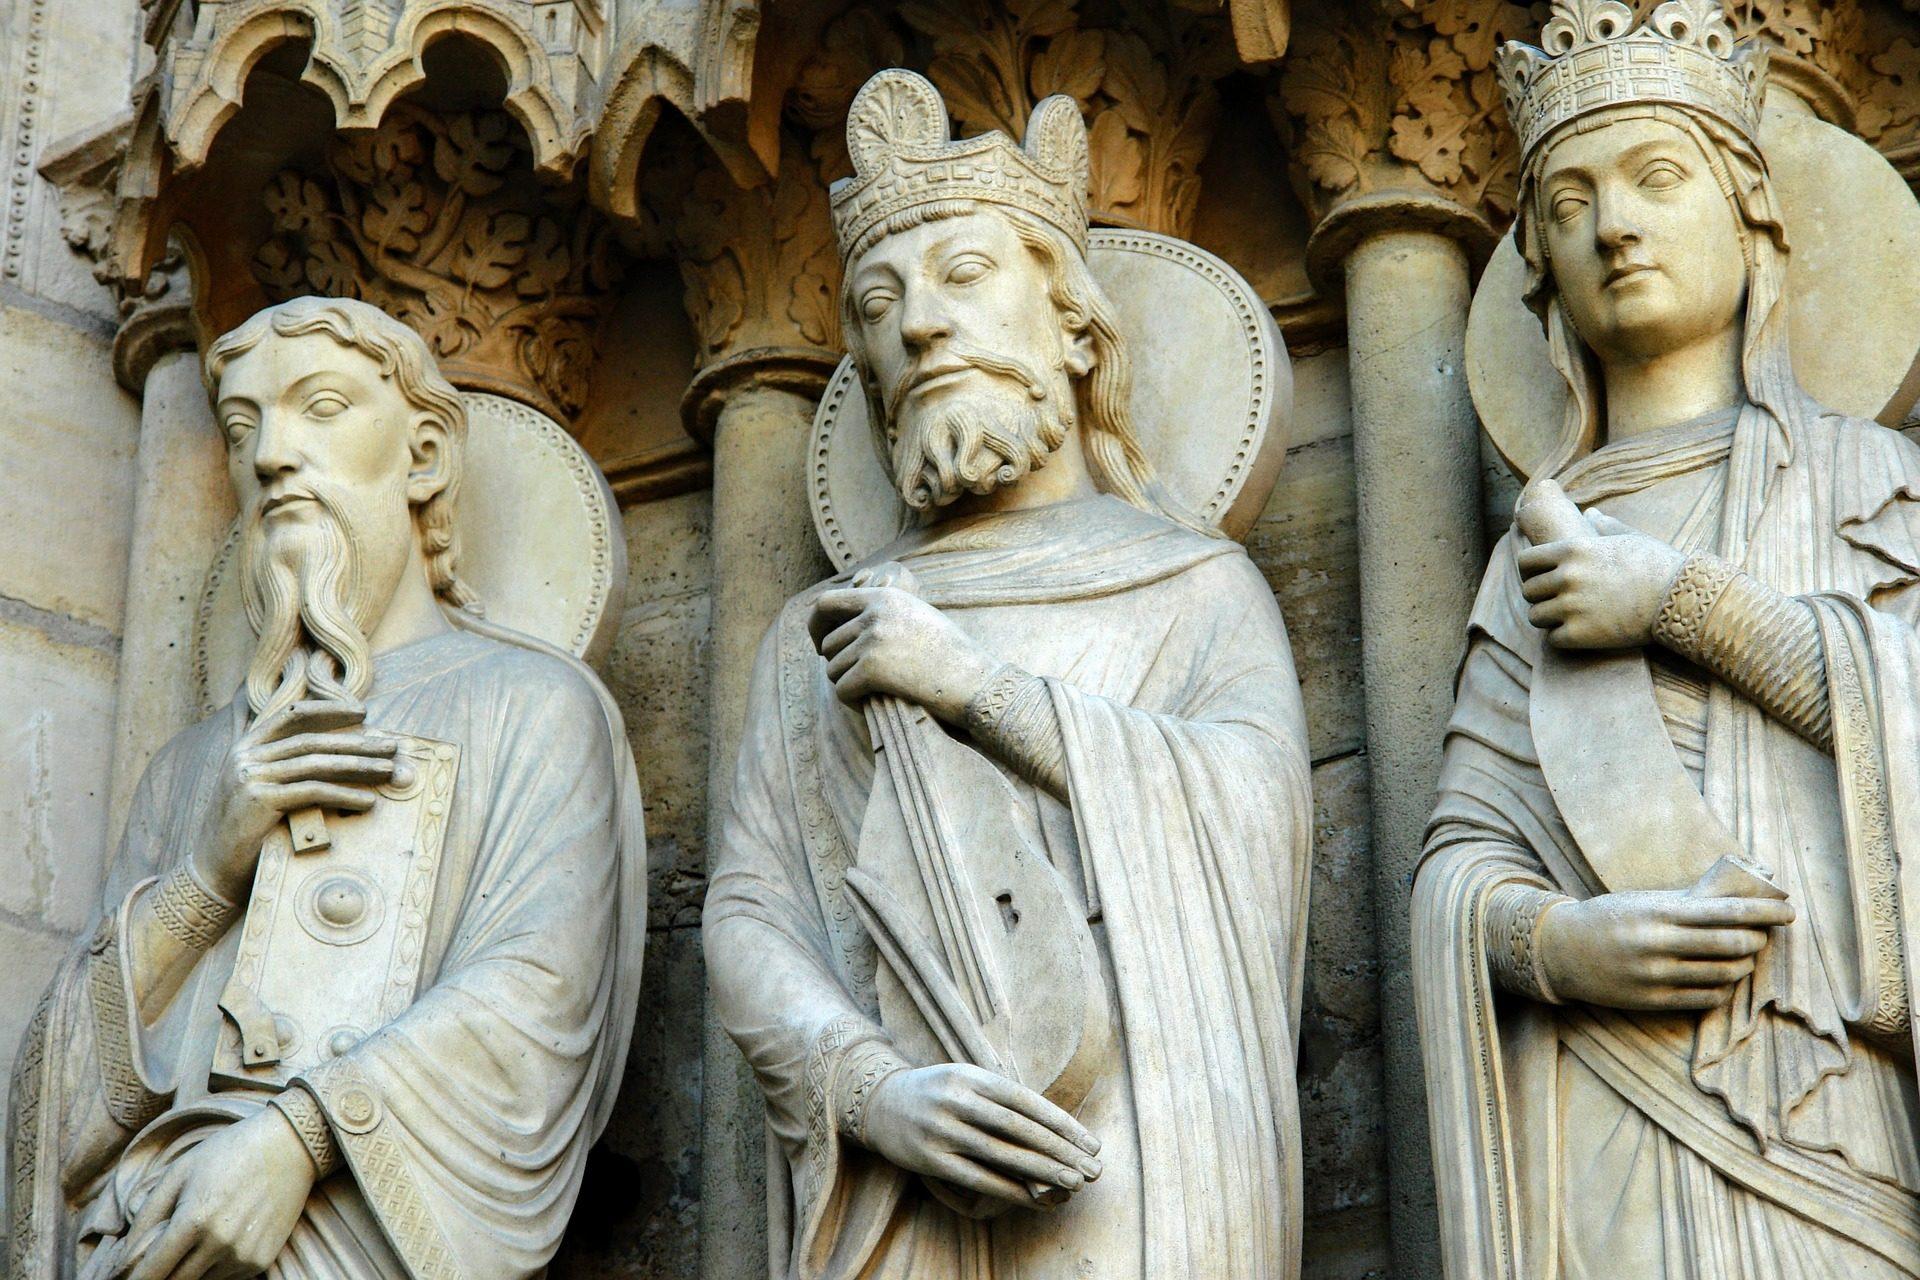 estátuas, Igreja, Catedral, arquitetura, Nossa Senhora, Paris - Papéis de parede HD - Professor-falken.com